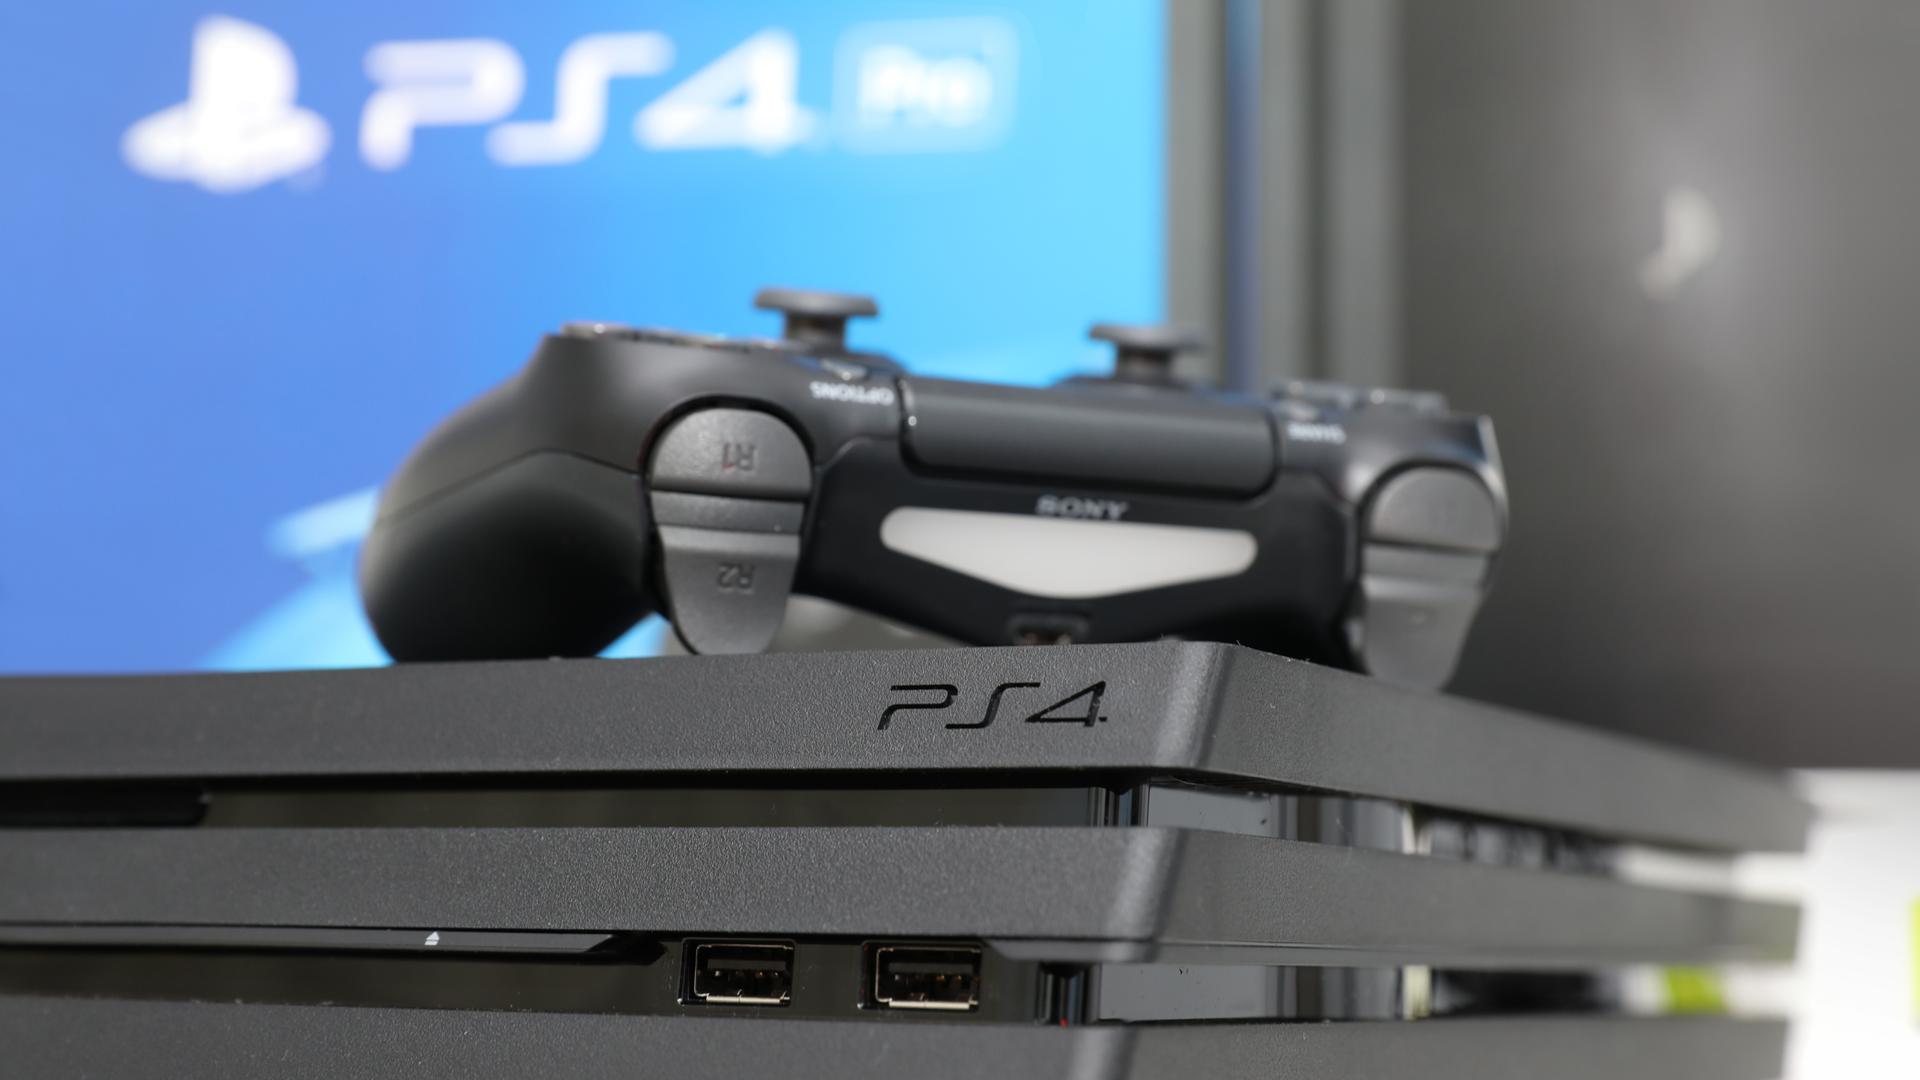 PS4 Pro é capaz de rodar jogos em 4K. (Foto: Shutterstock/charnsitr)